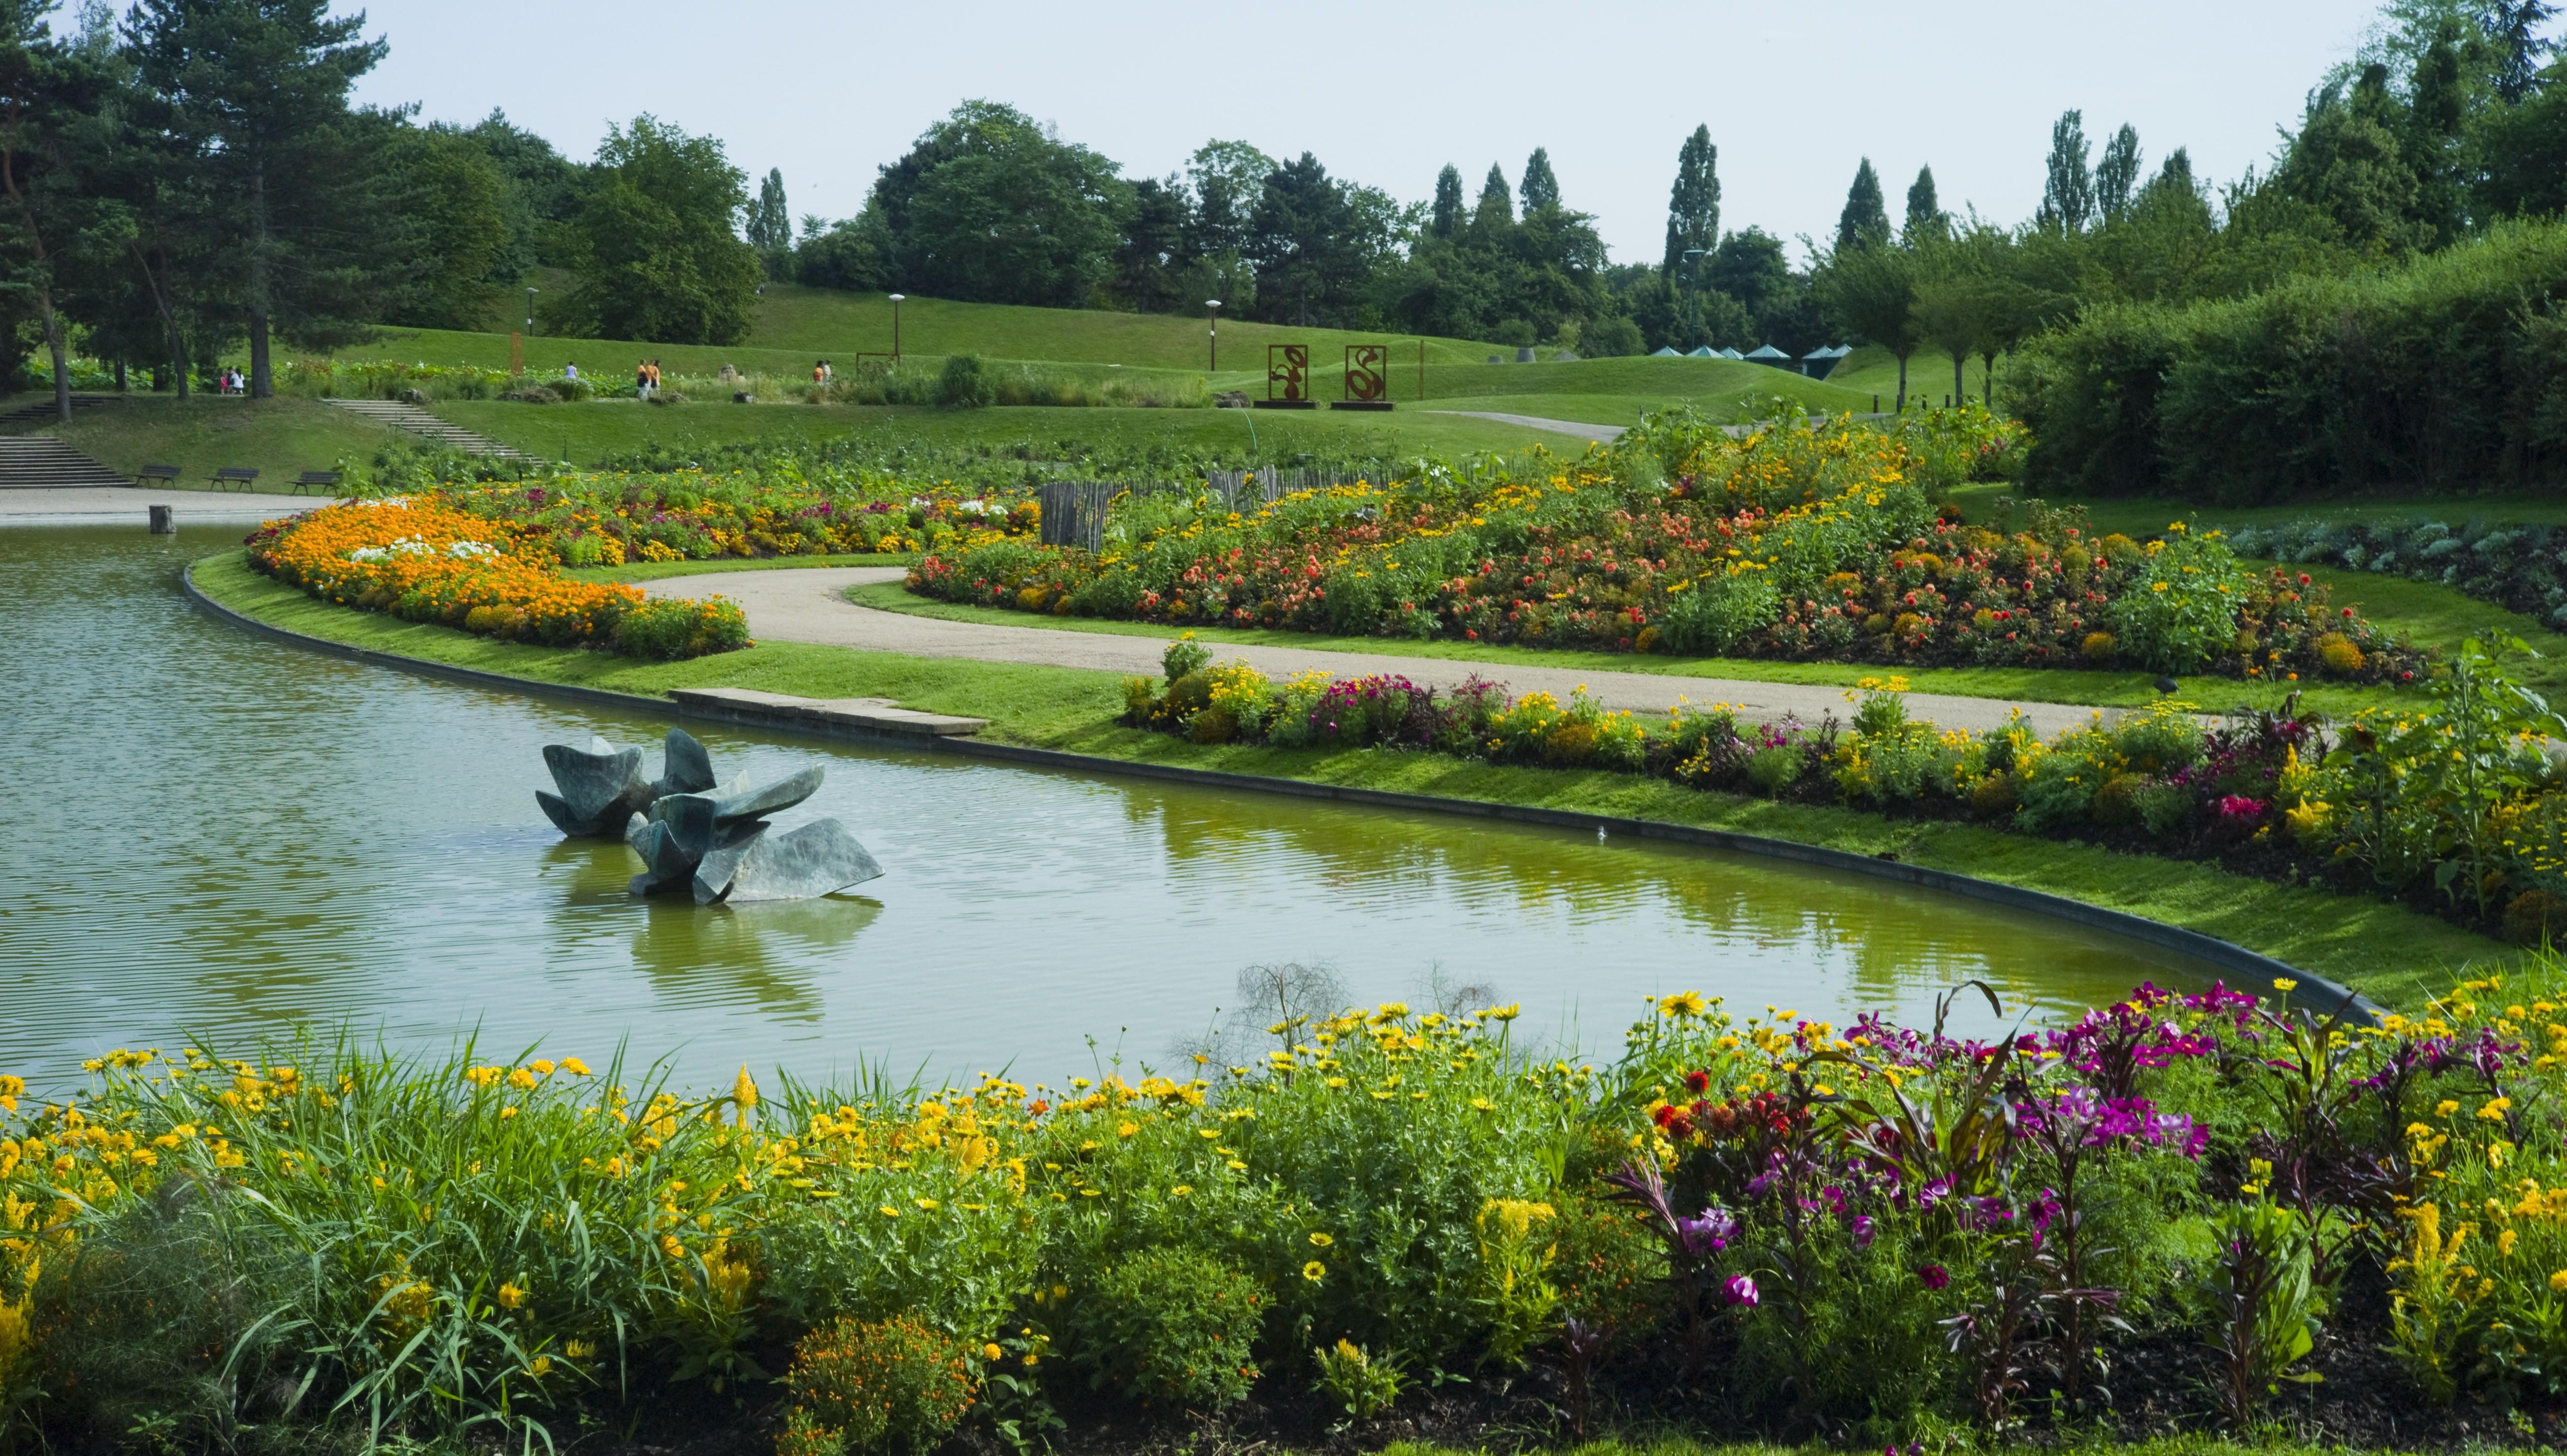 Um dos jardins coloridos do Parc Floral de Paris. Foto: wikimedia.org